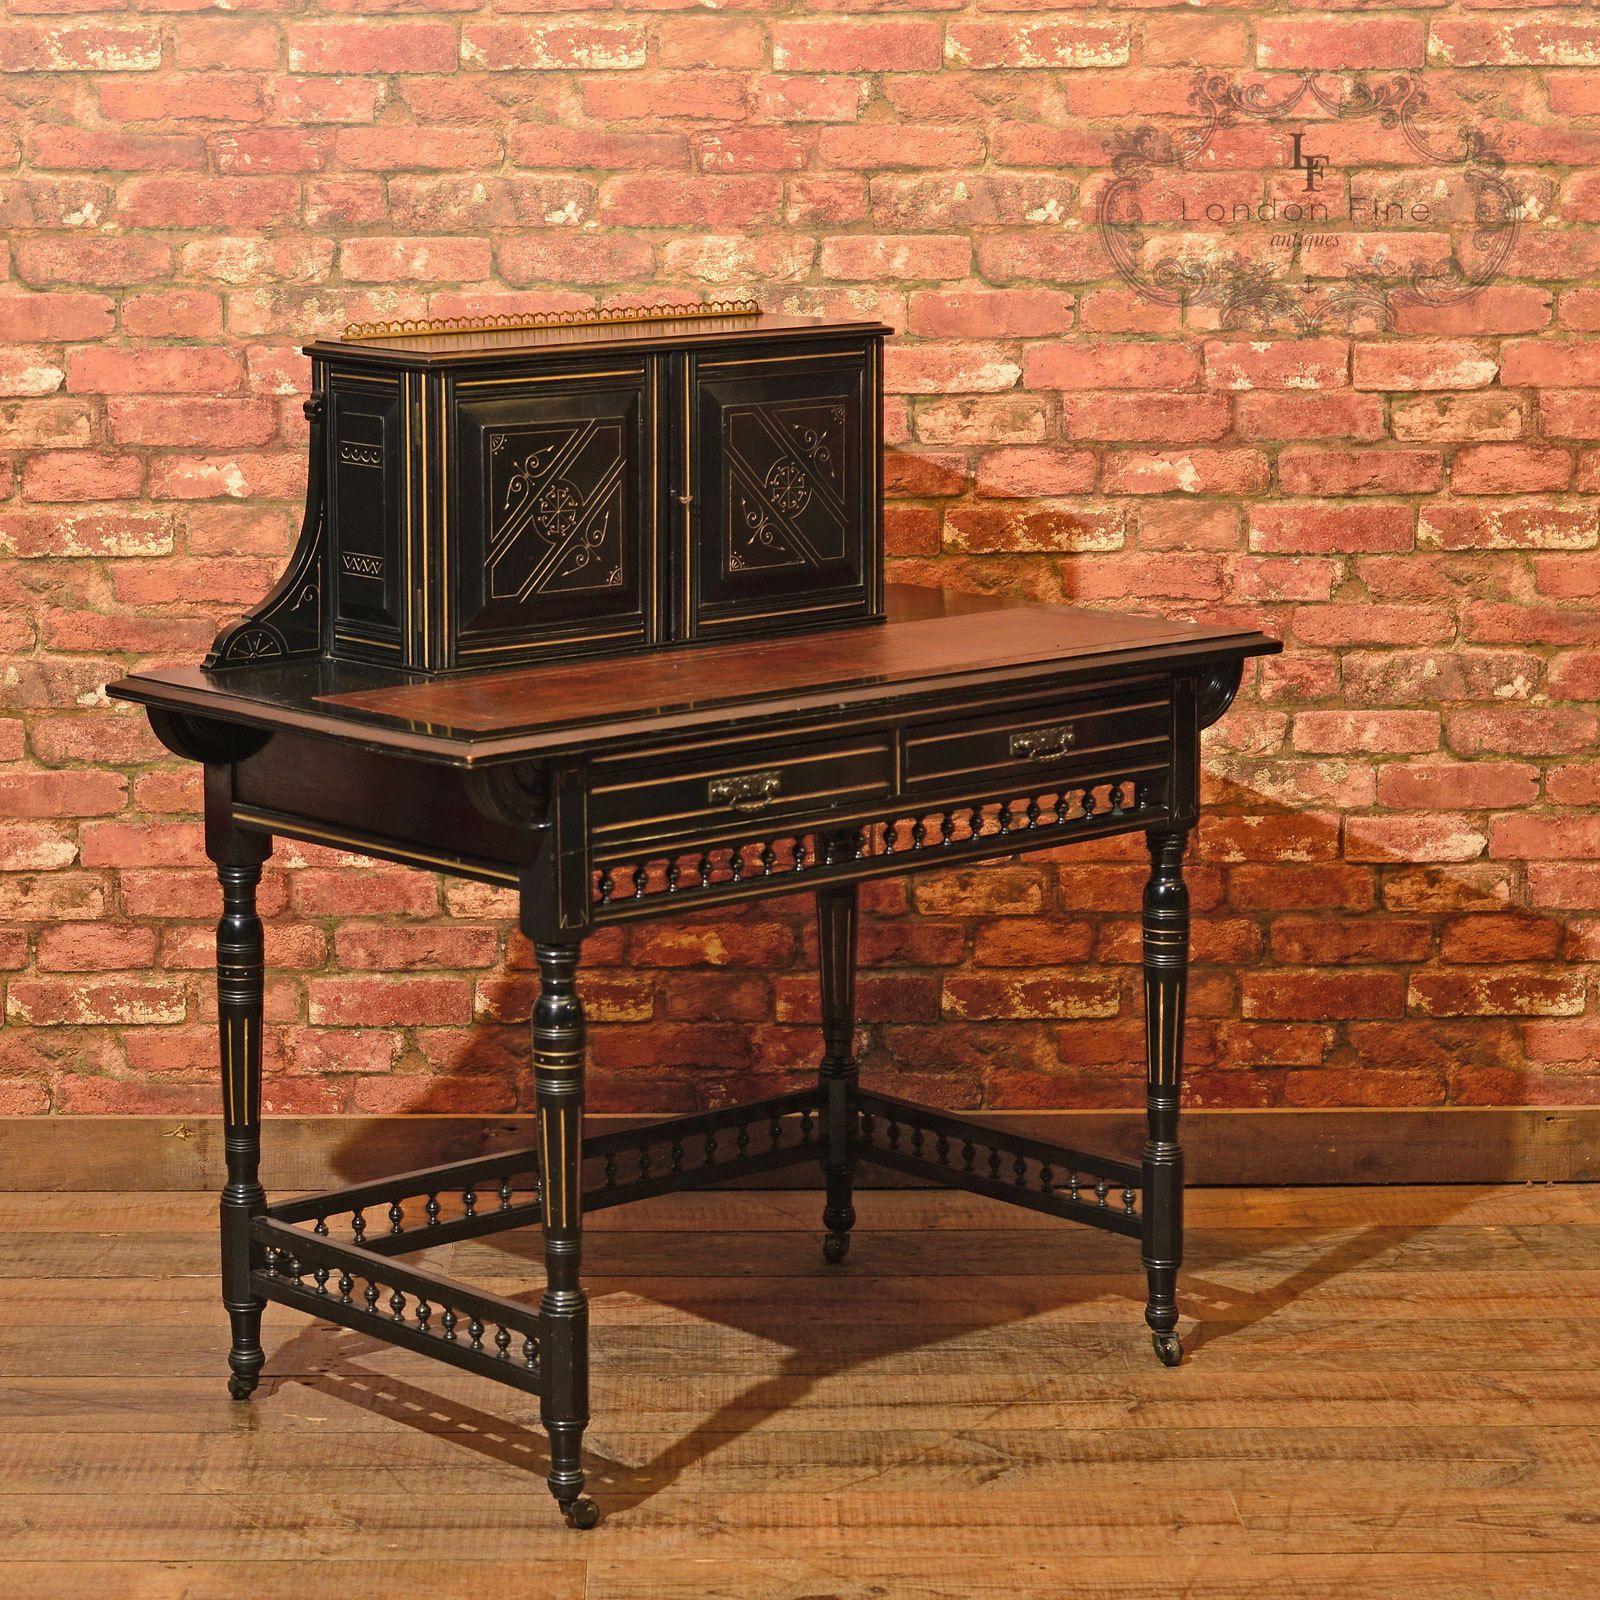 details about antique ebonised writing desk victorian bonheur du rh pinterest com